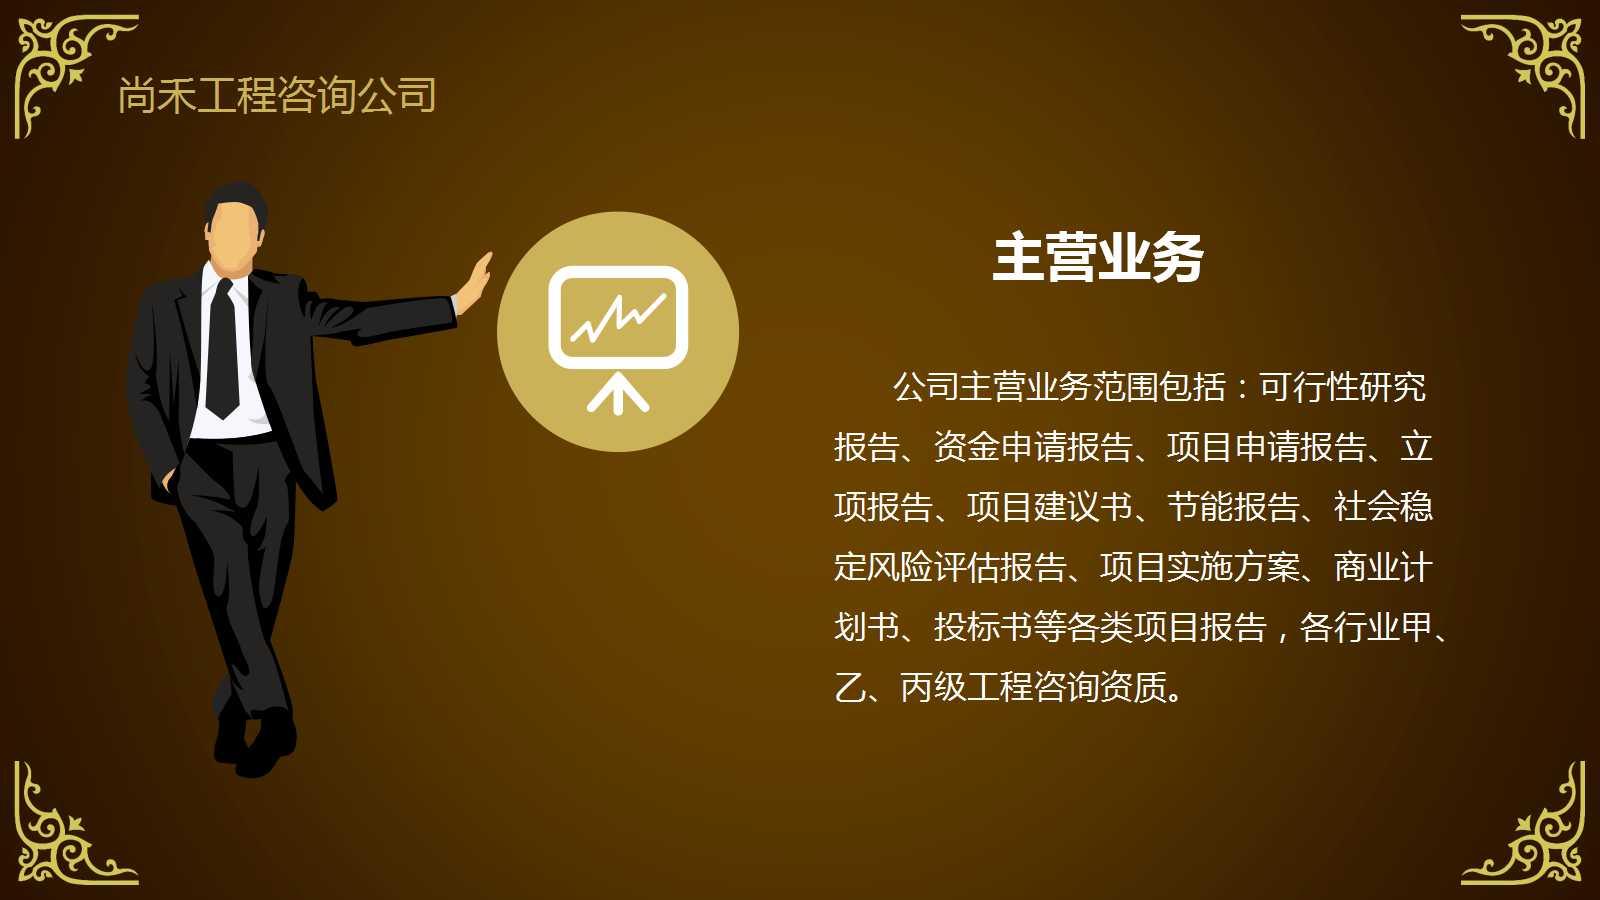 丹东撰写可行性报告加急出稿立项的报告